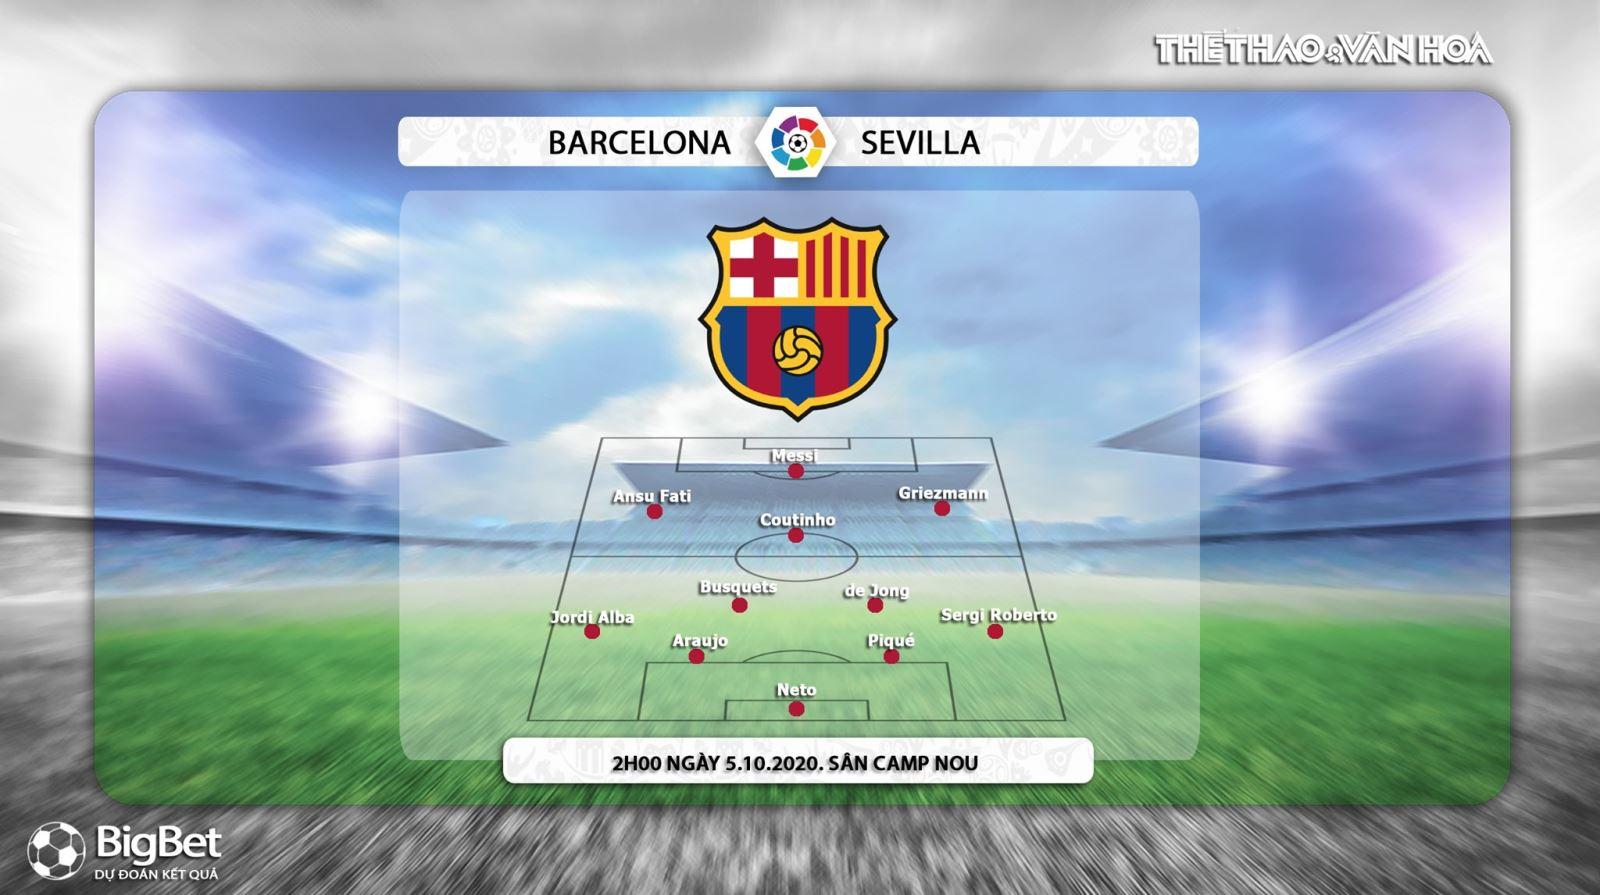 Keo nha cai, kèo nhà cái, Barcelona vs Sevilla, Vòng 5 La Liga, Trực tiếp BĐTV, Trực tiếp bóng đá Tây Ban Nha vòng 5, Soi kèo Barcelona đấu với Sevilla, Kèo Barcelona